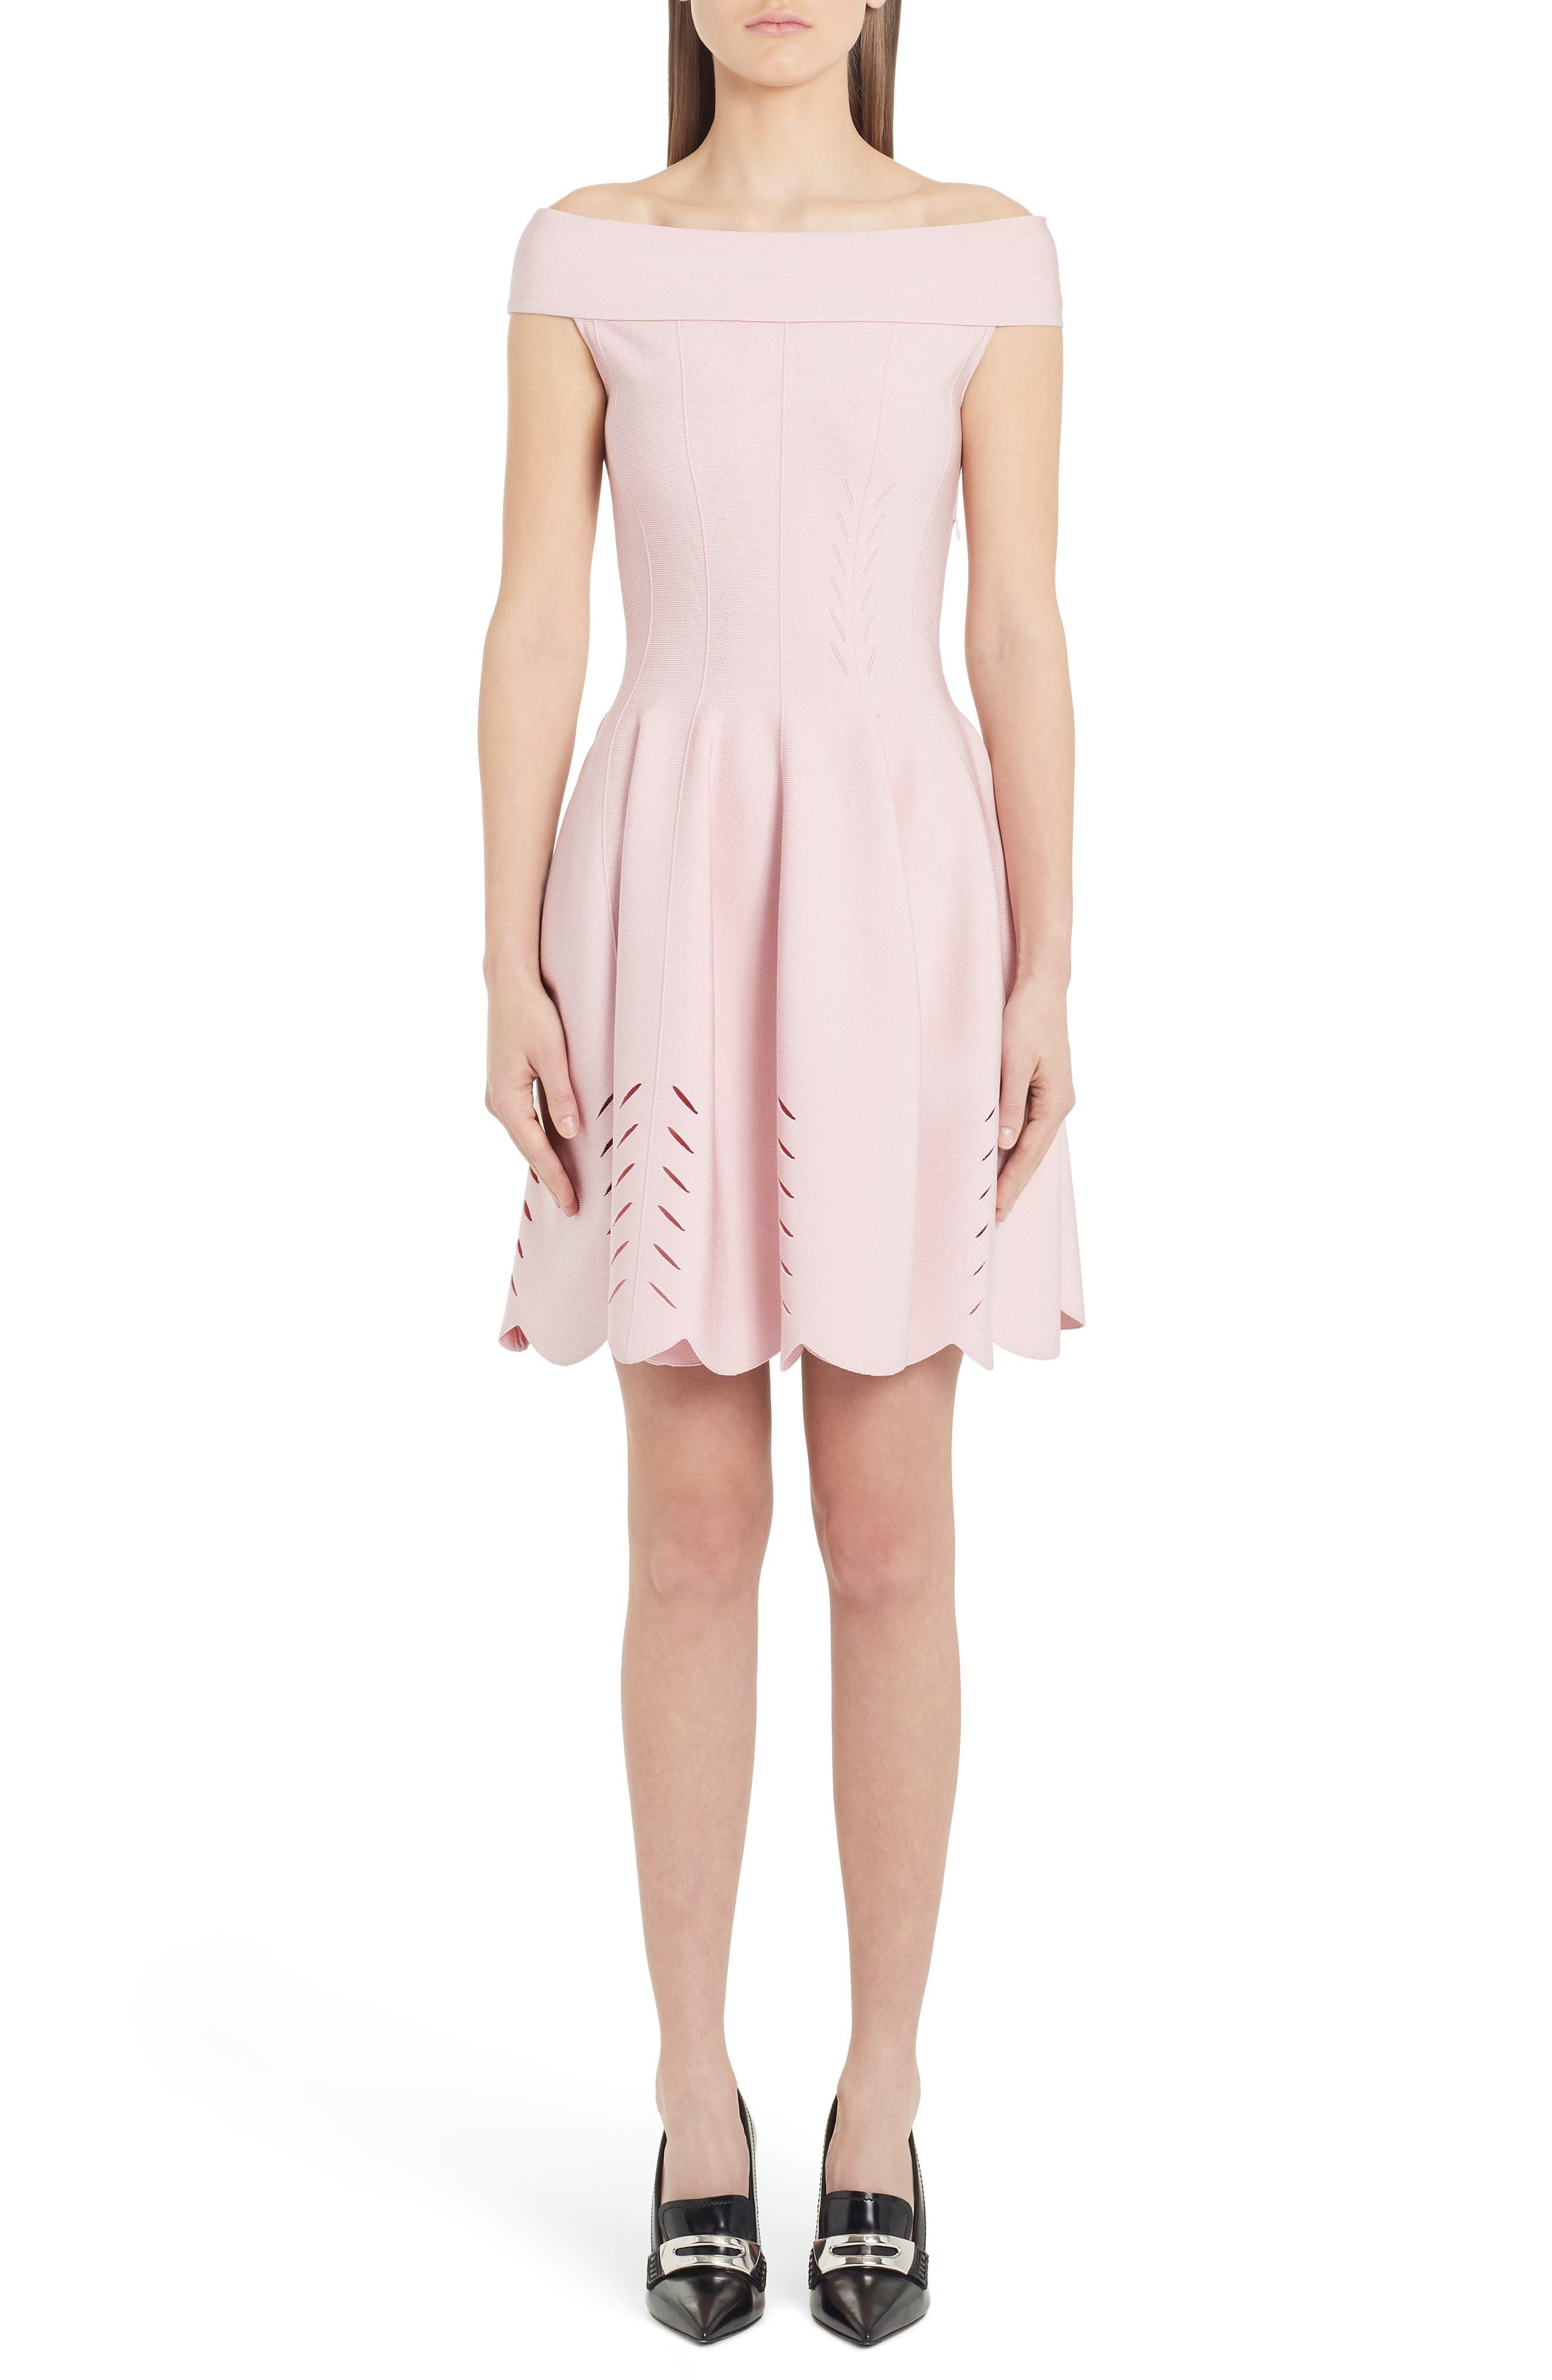 Alexander Mcqueen Cutout Scallop Off The Shoulder Sweater Dress, Pink